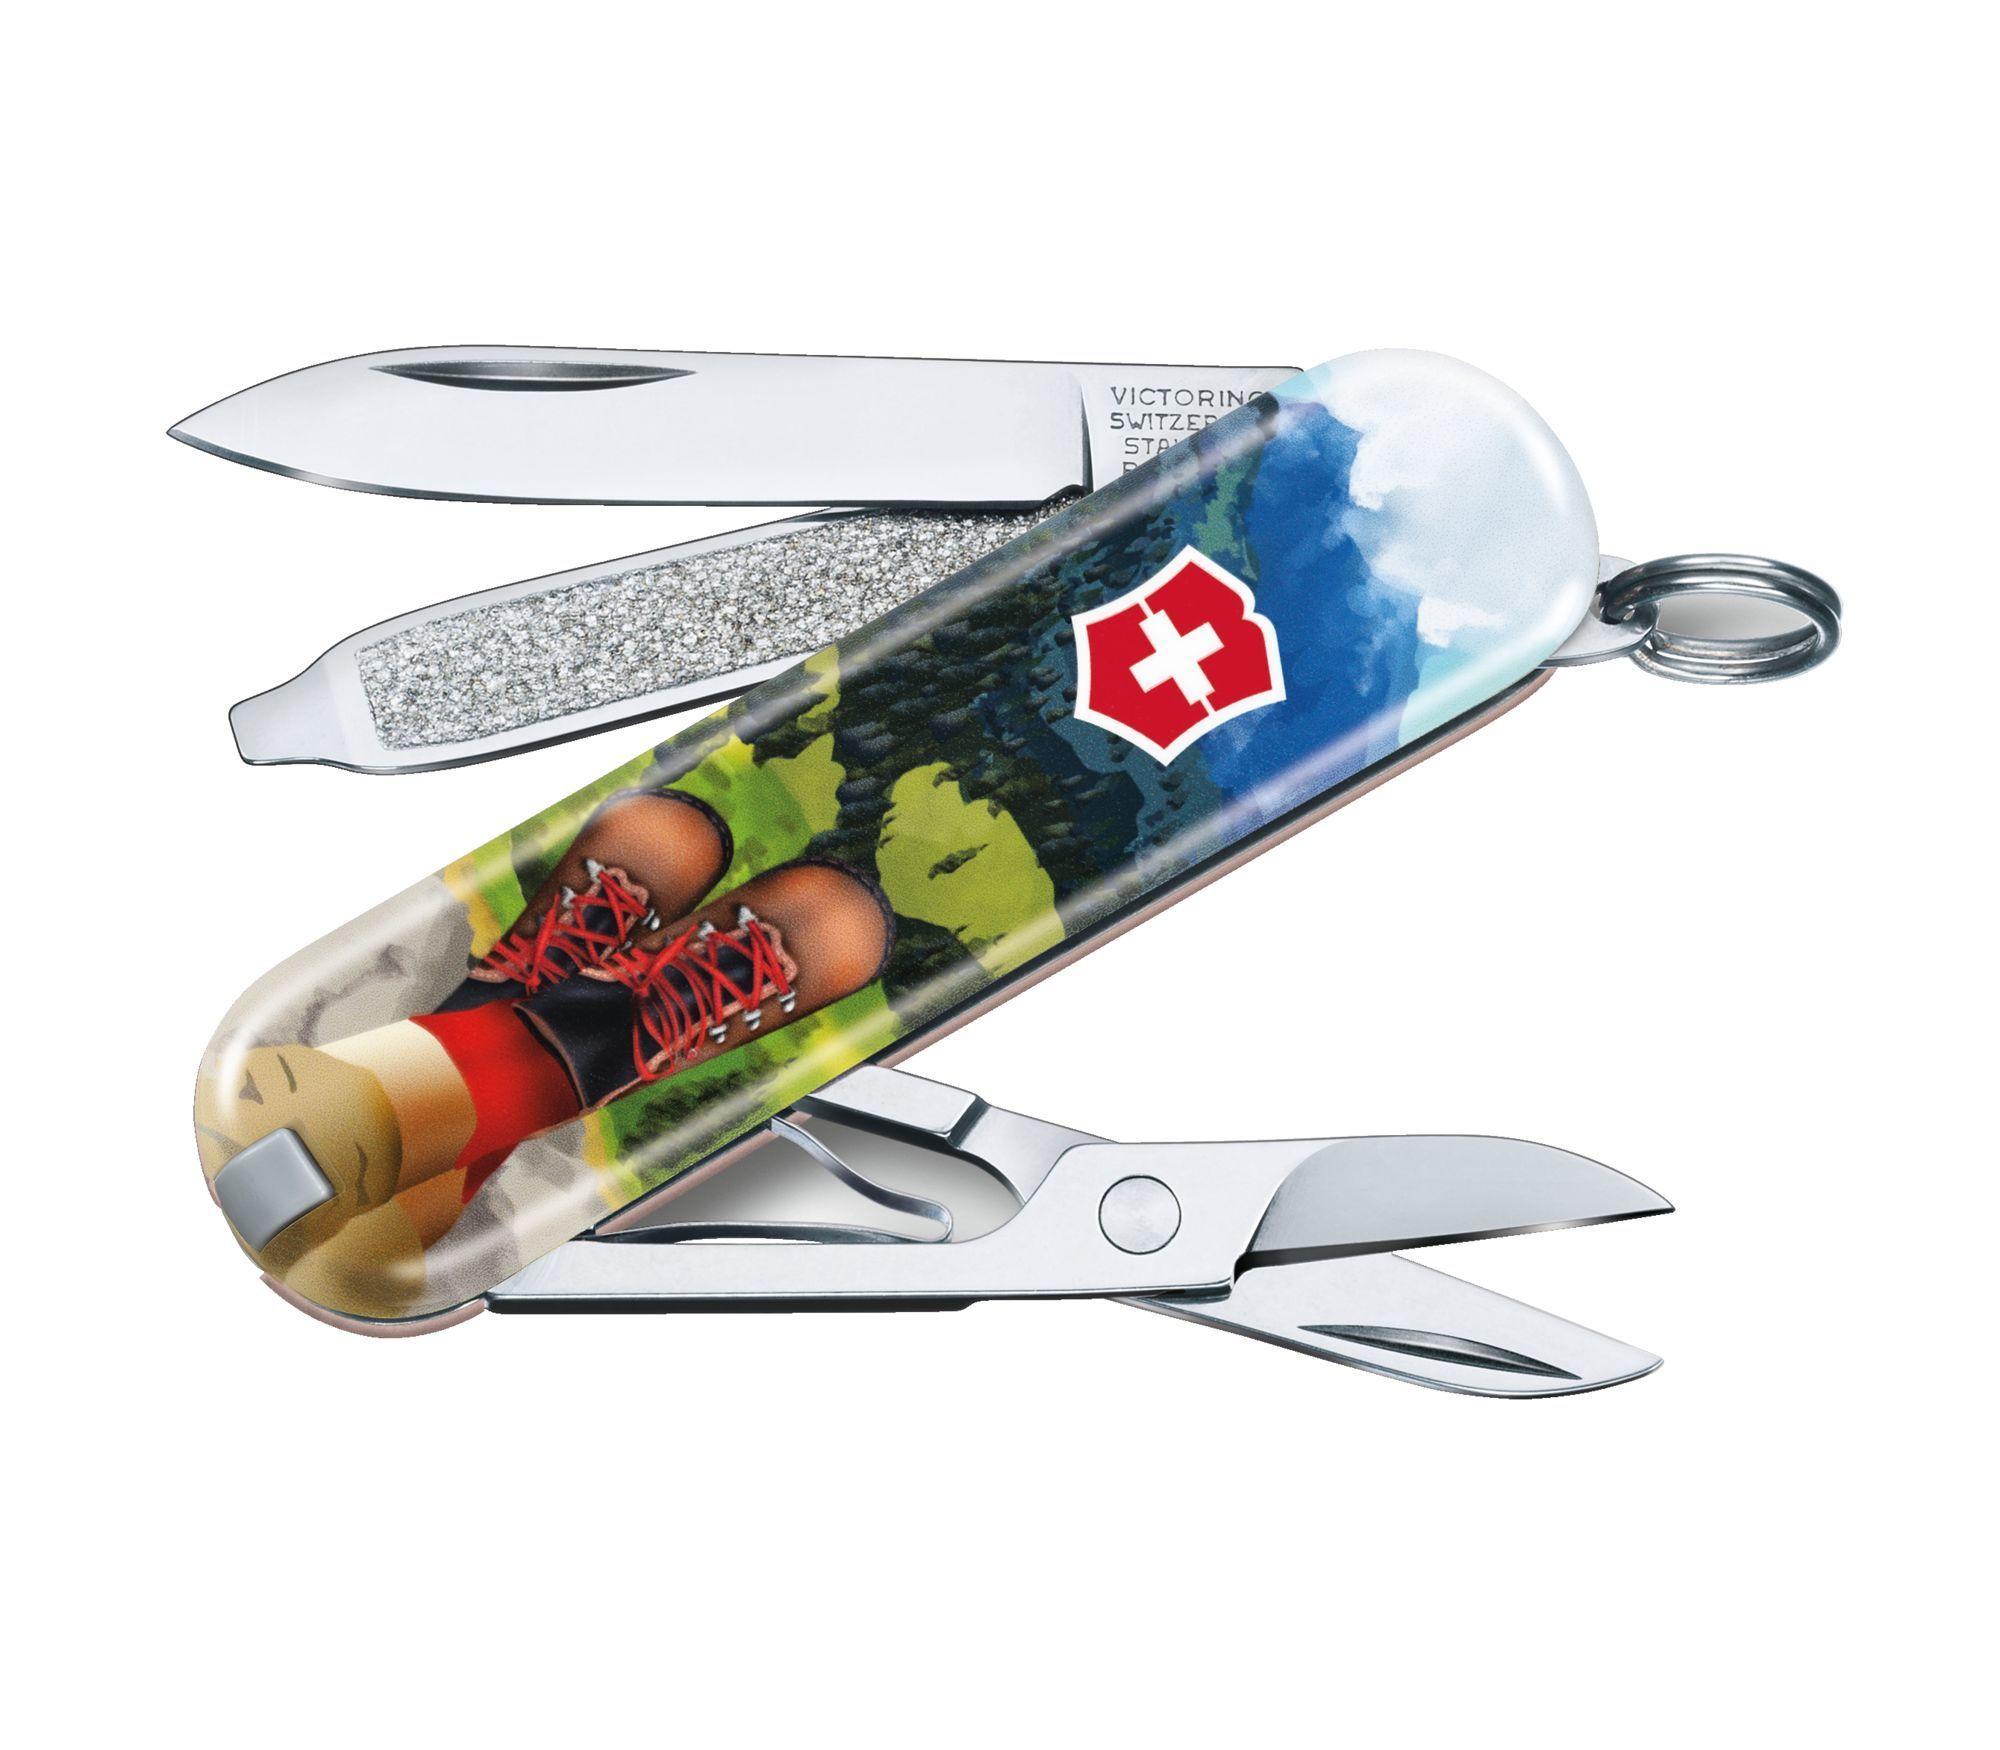 Складной нож Victorinox Classic LE2020 I Love Hiking, 58 мм 7 функций фото